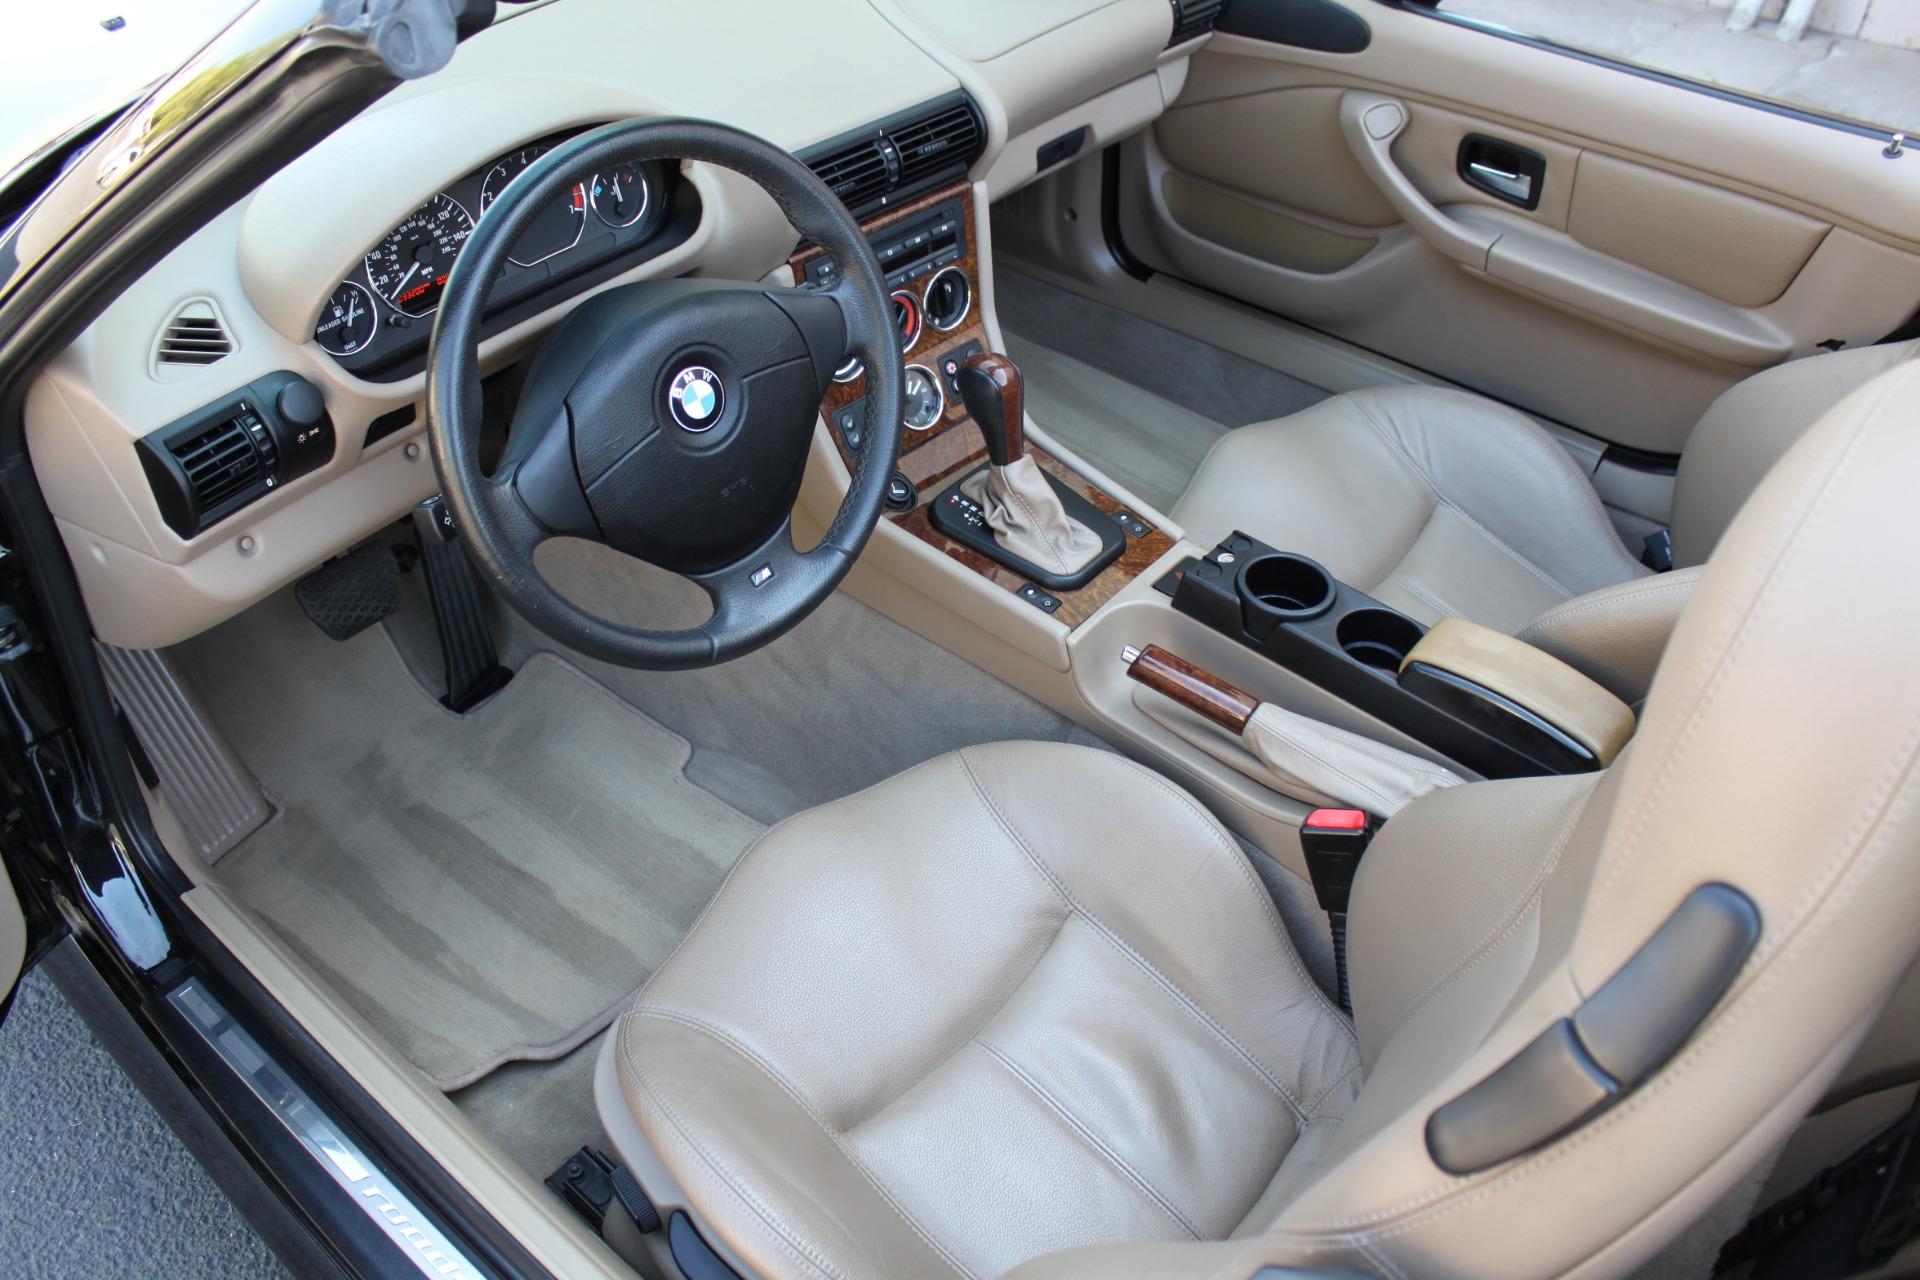 Used-2001-BMW-Z3-Roadster-30i-Chevrolet-Dealer-Vernon-Hills